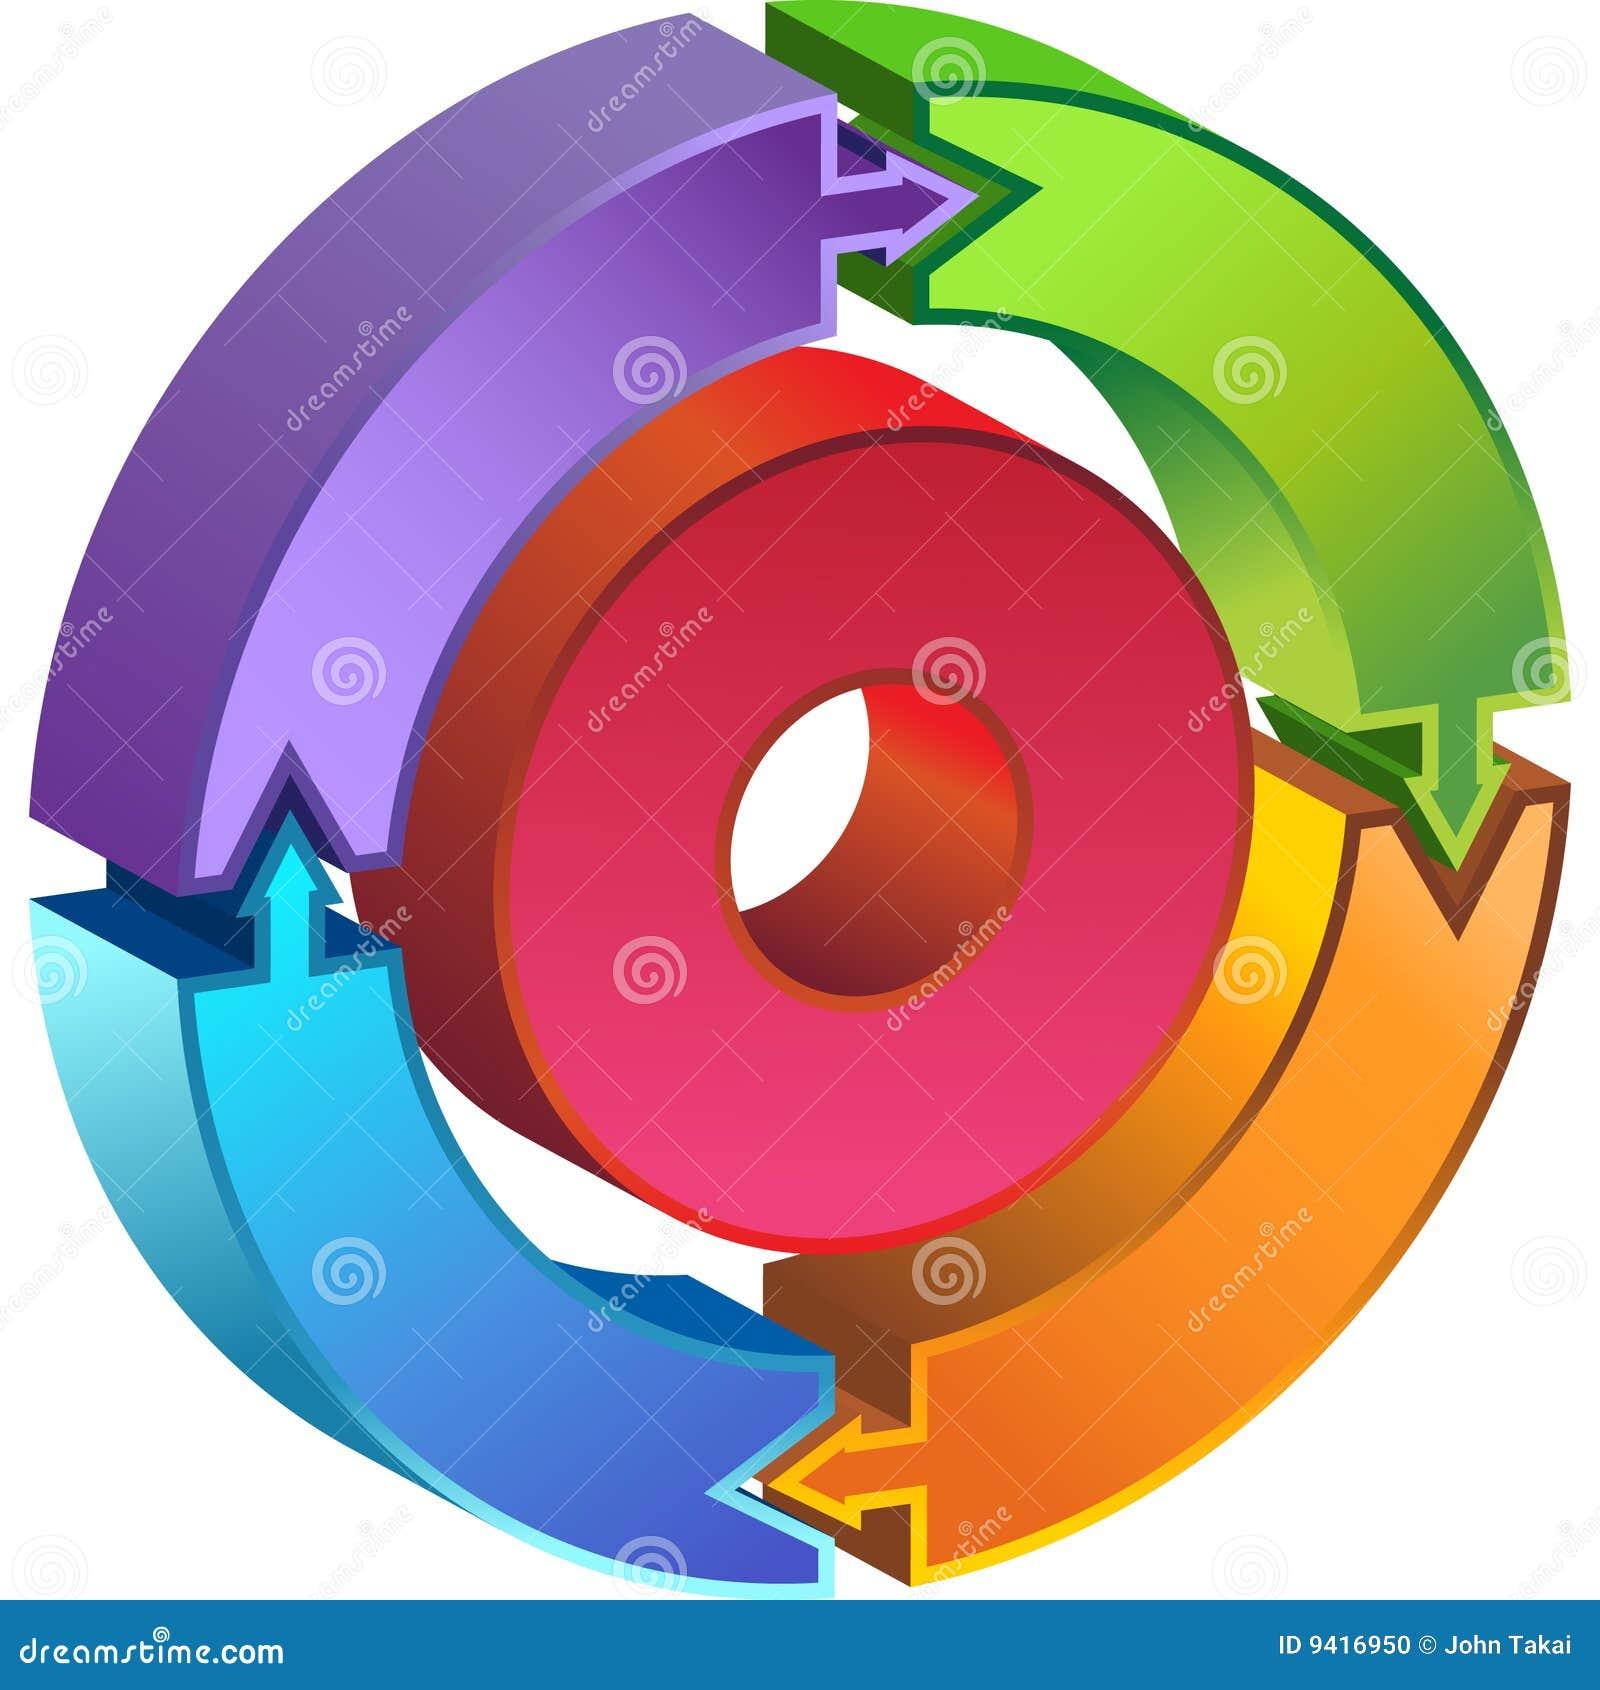 τρισδιάστατη διαδικασία διαγραμμάτων κύκλων βελών